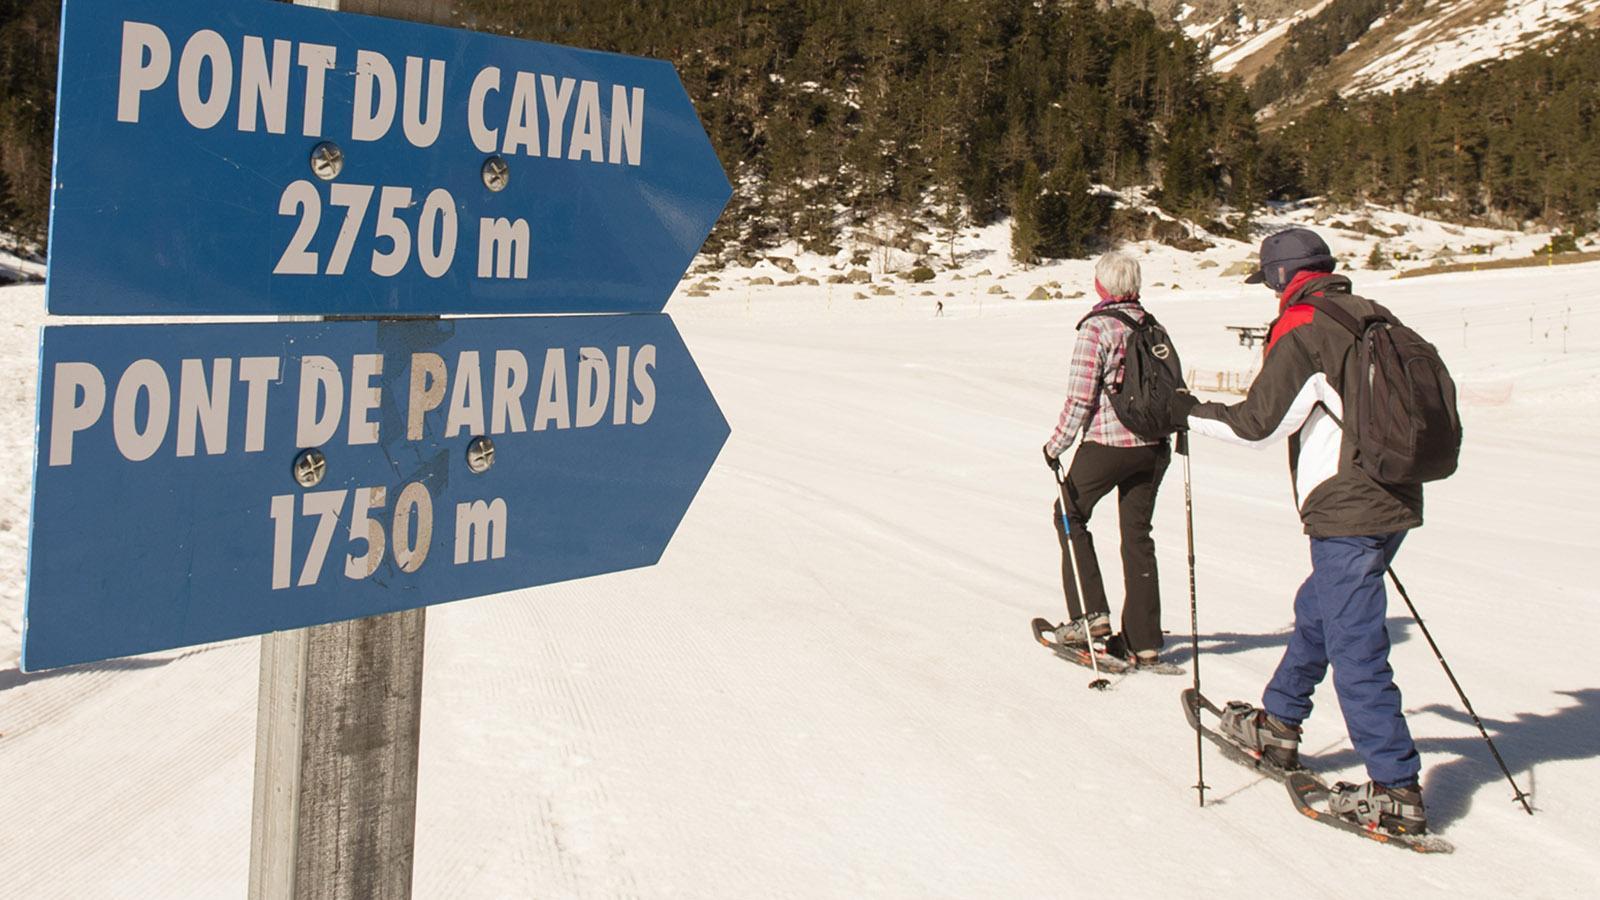 Cauterets: Schneeschuhwandern oder Langlaufen? Die Qual der Wahl am Pont d'Espagne. Foto: Hilke Maunder